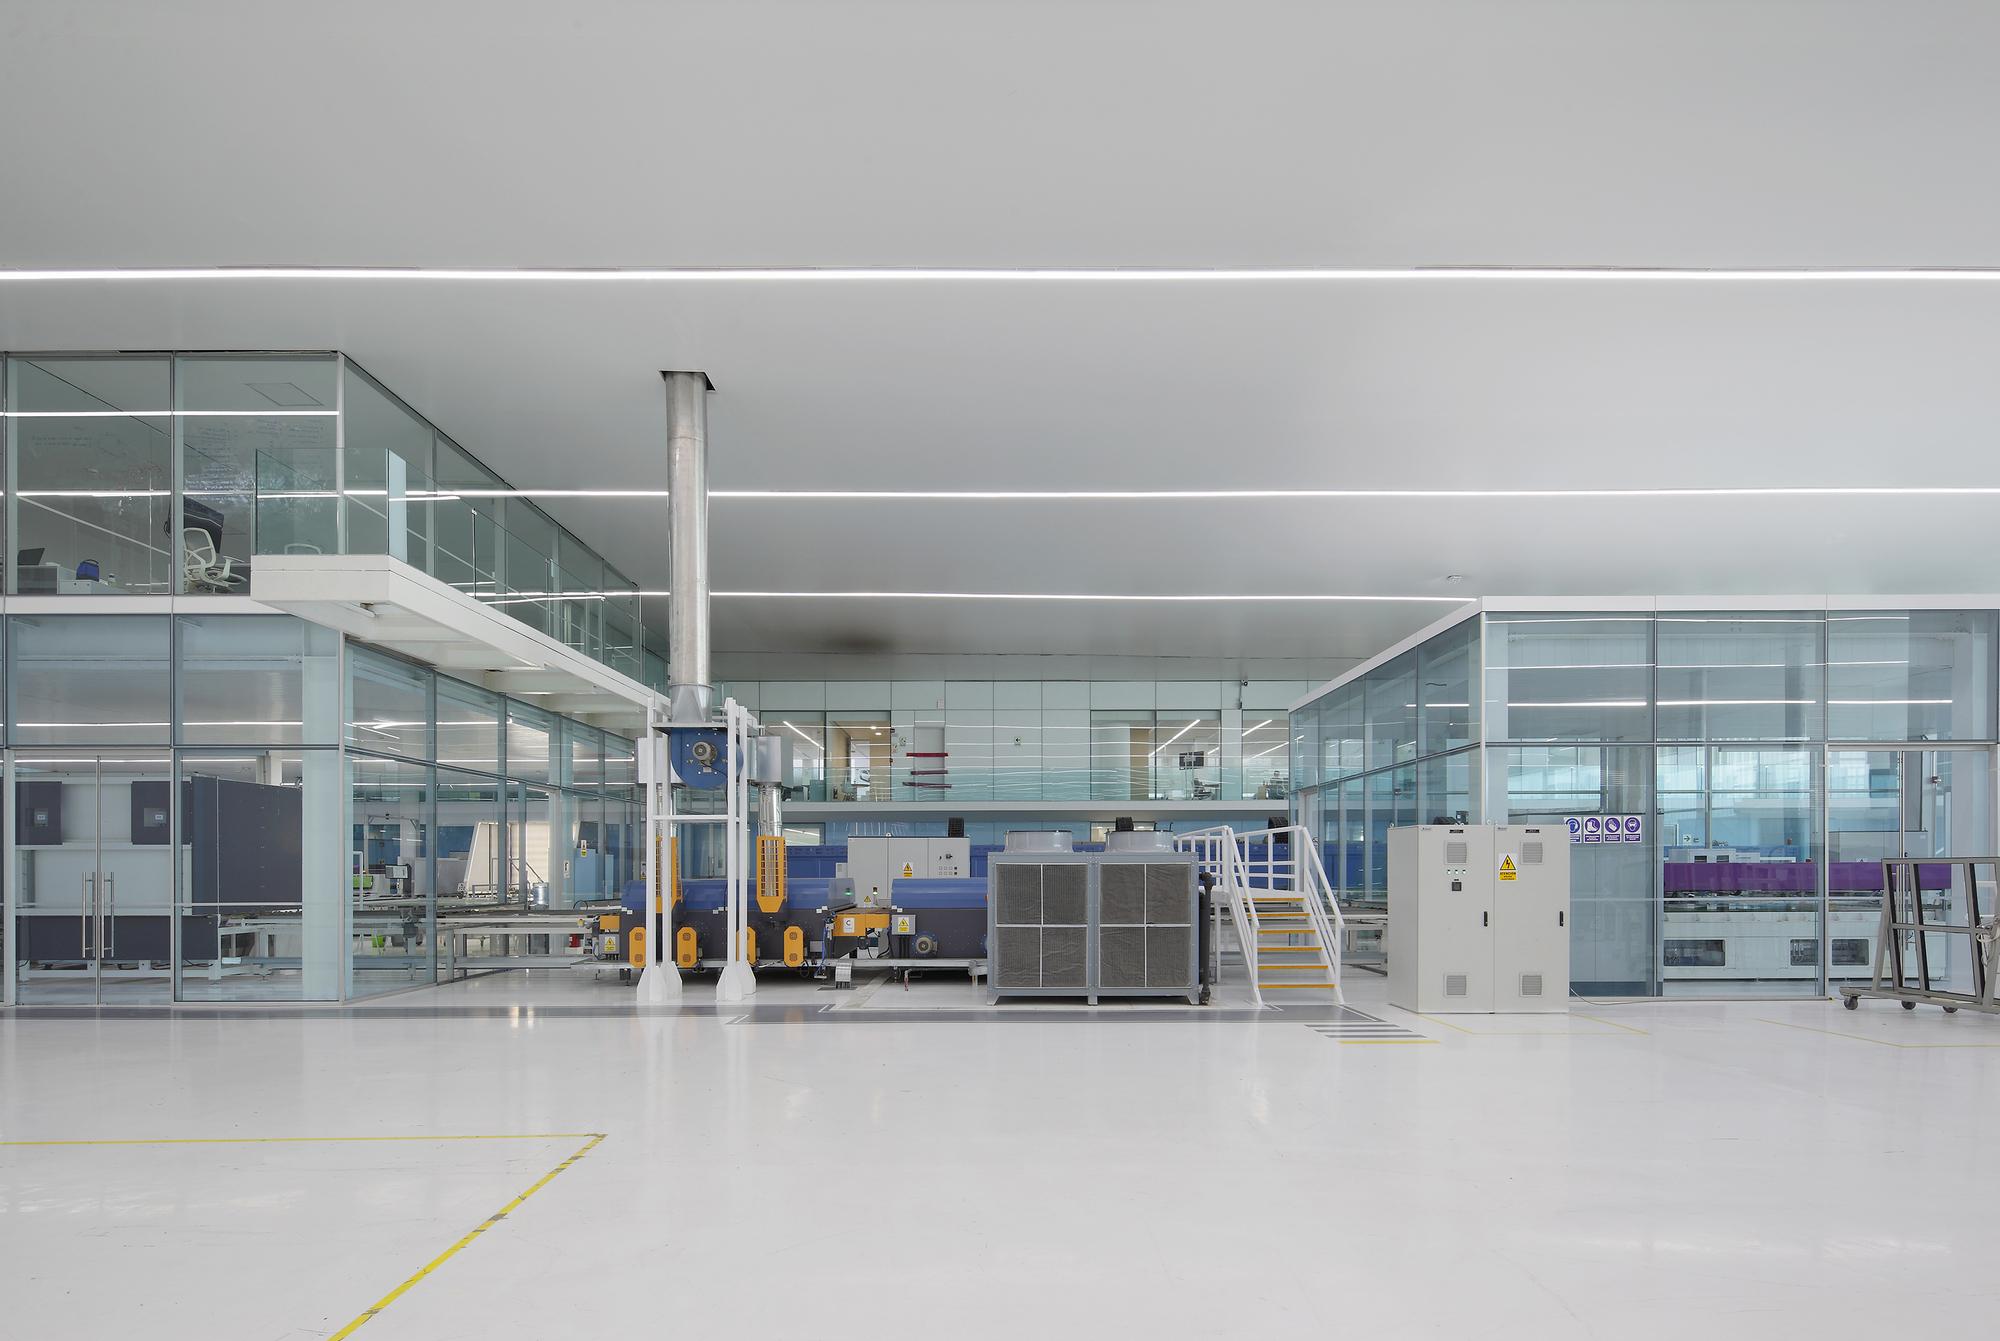 Nave industrial y oficinas agp eglass v oid plataforma - Fotos naves industriales ...